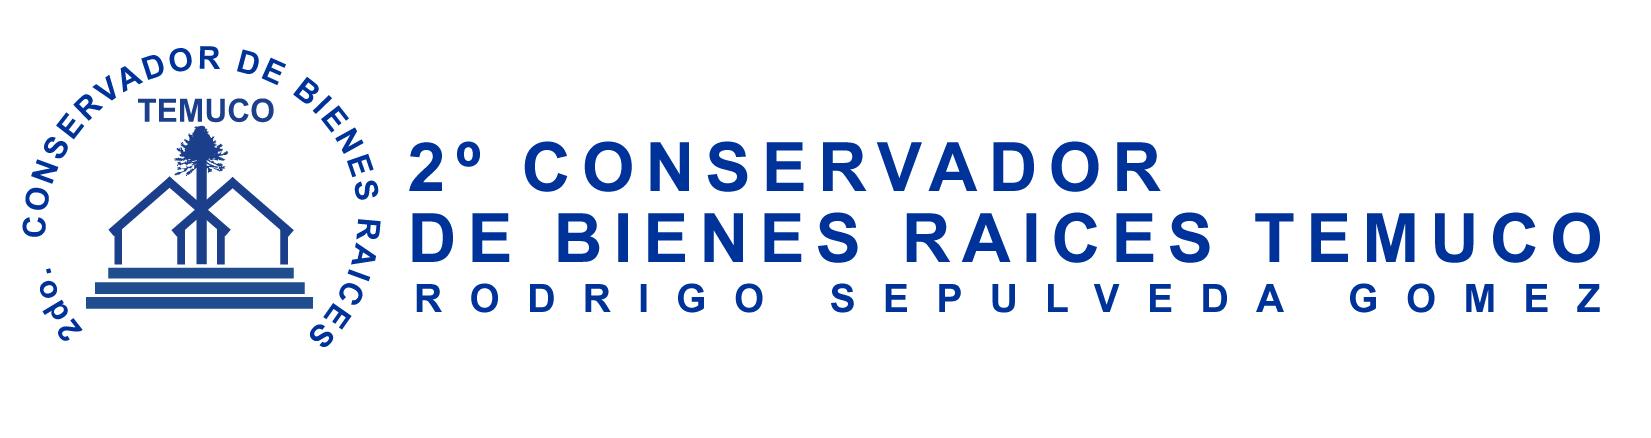 SEGUNDO CONSERVADOR TEMUCO